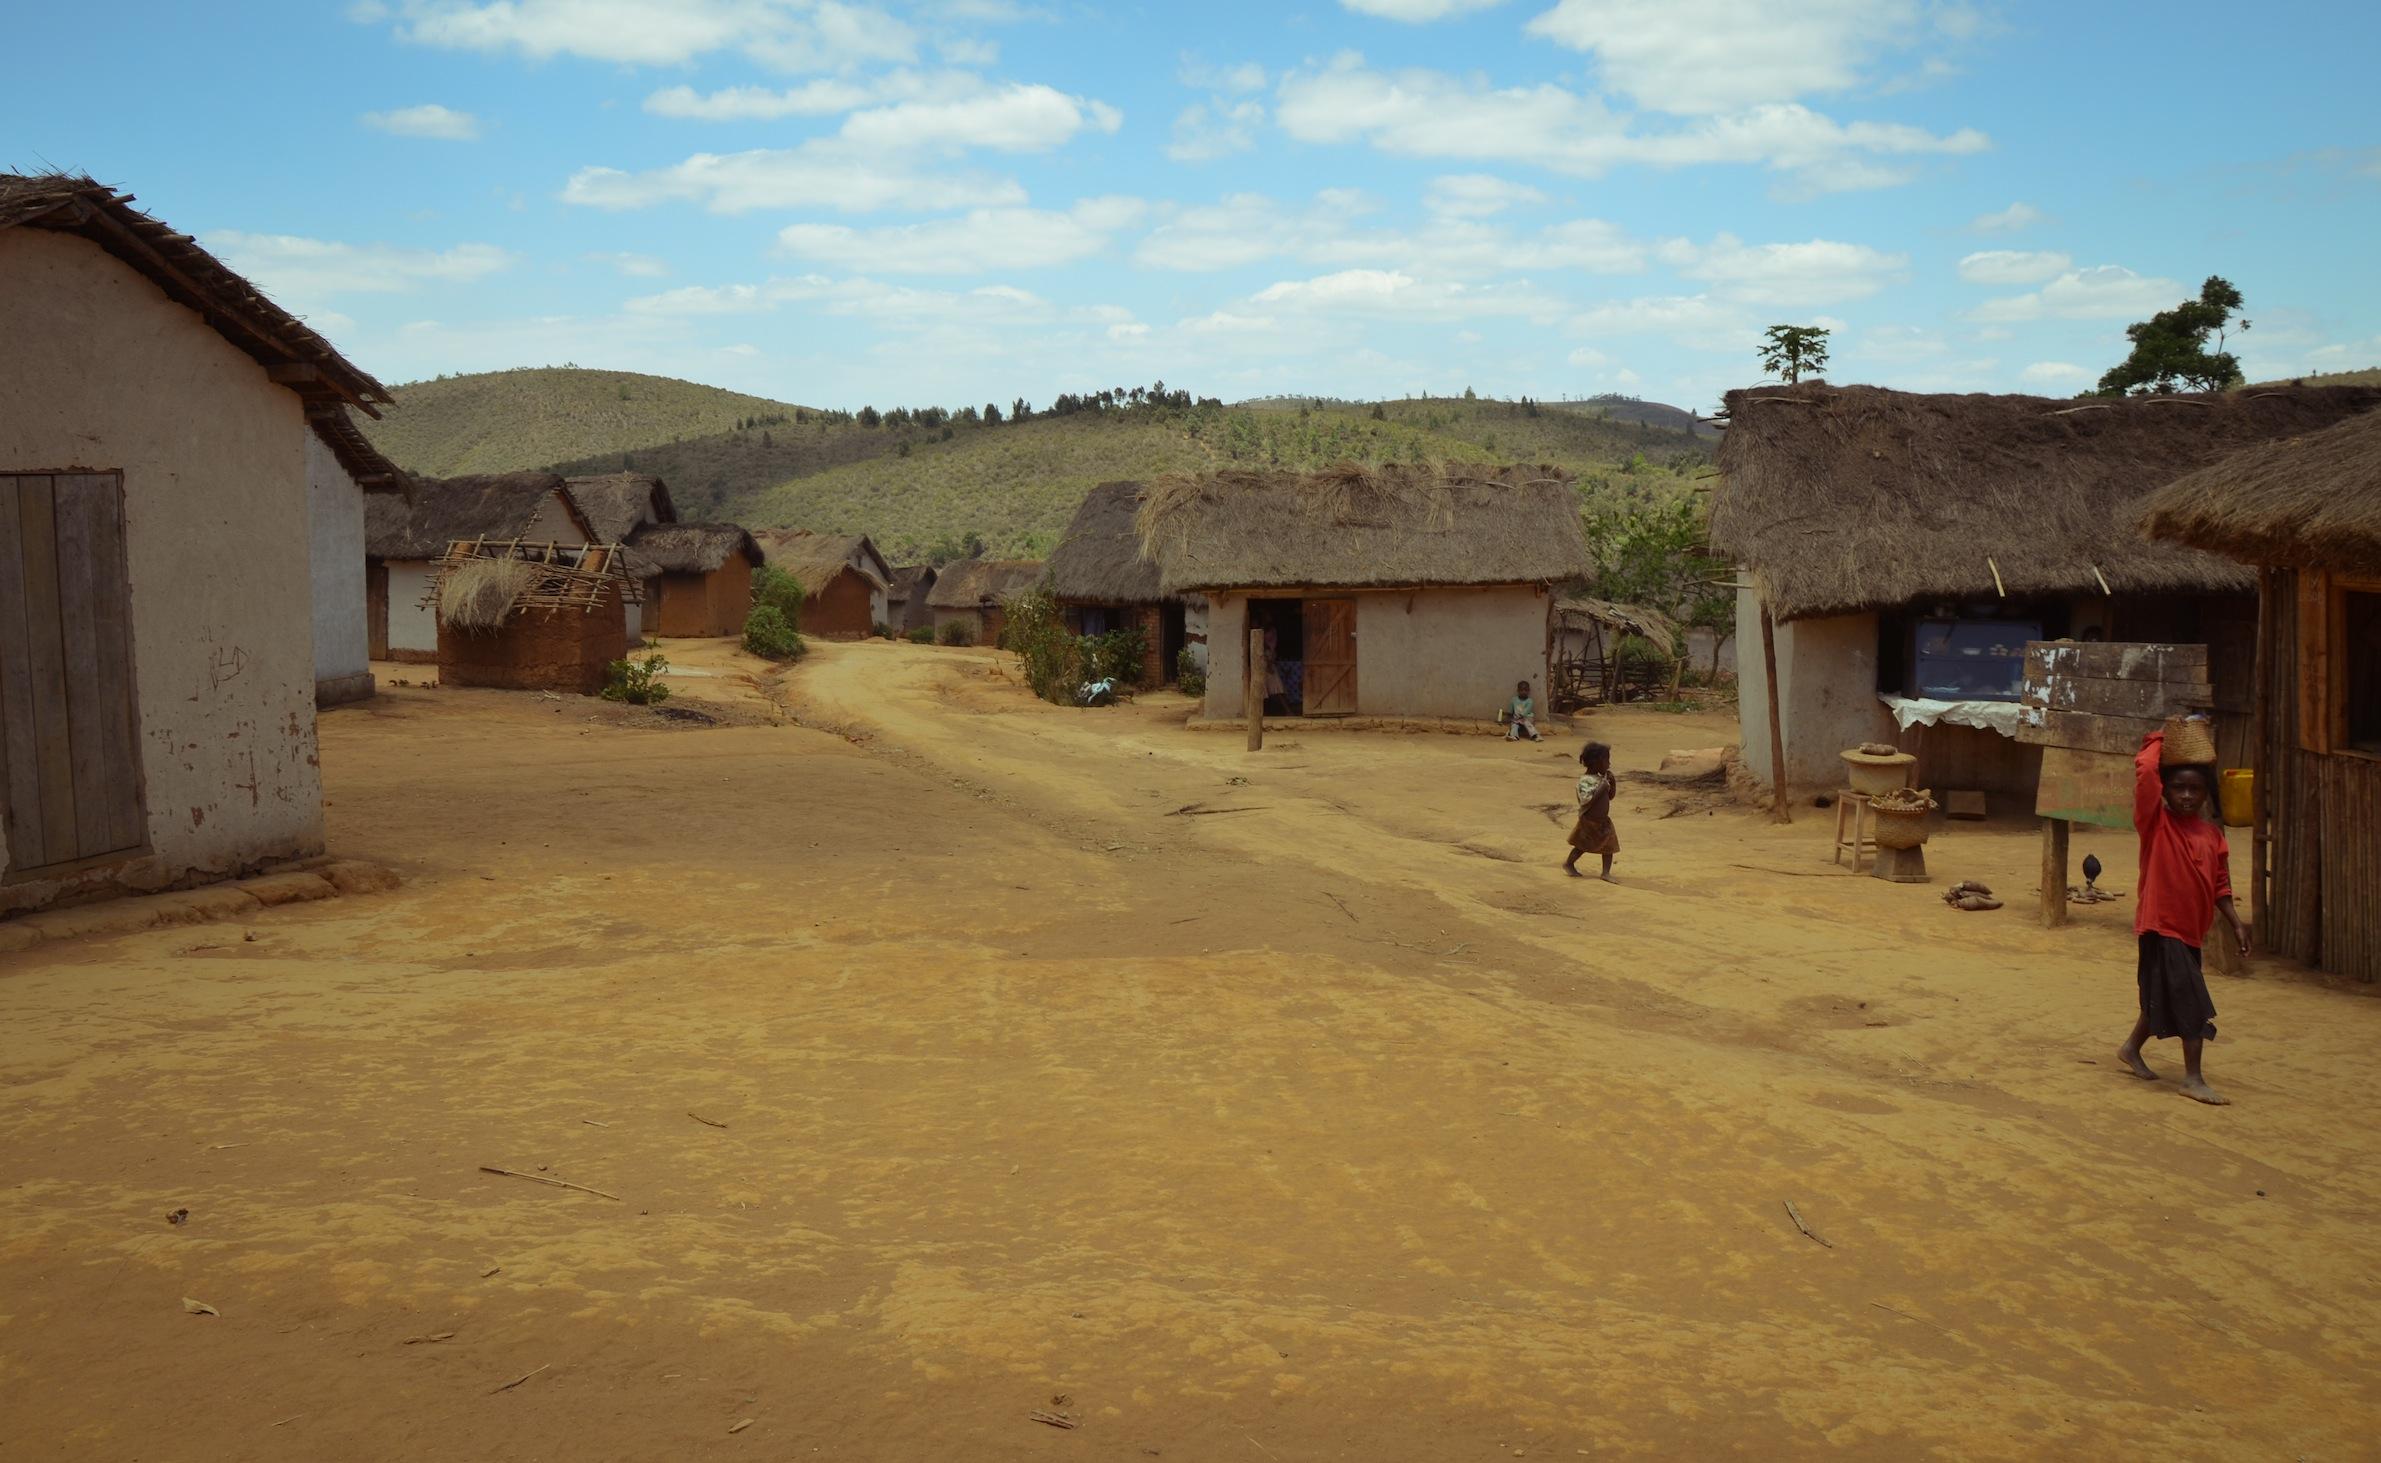 Arrival at the village. Photo: Alizé Carrère